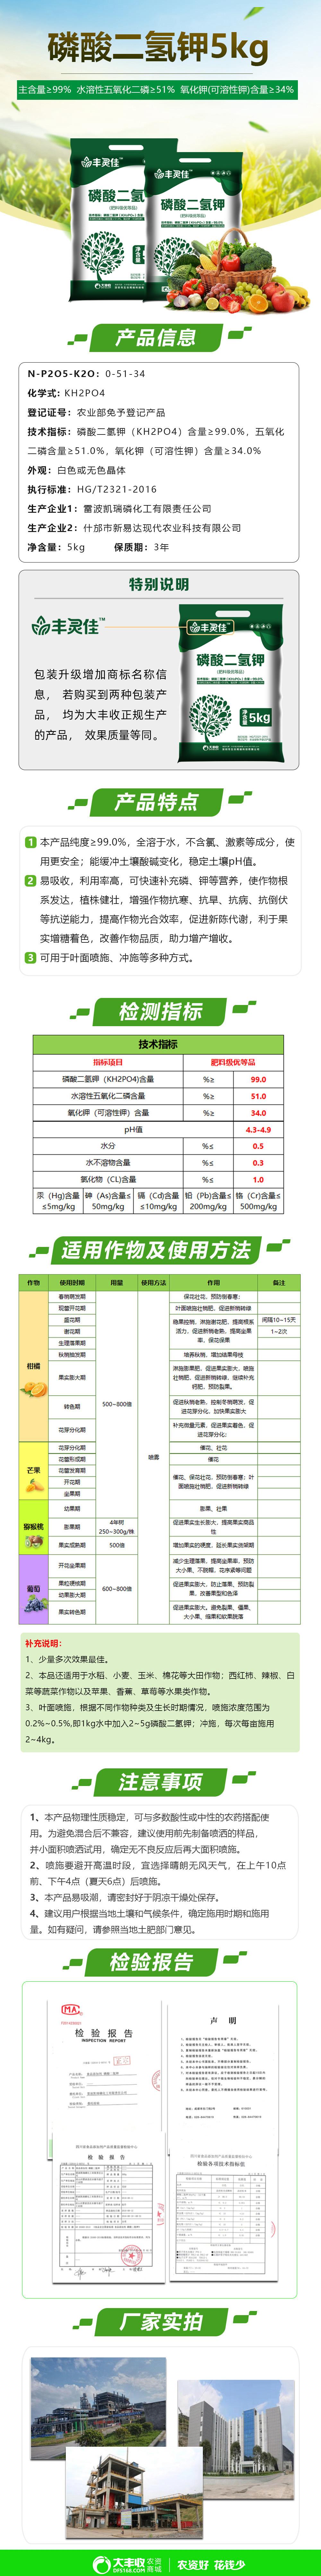 磷酸二氢钾-丰灵佳包装商详5kg.jpg